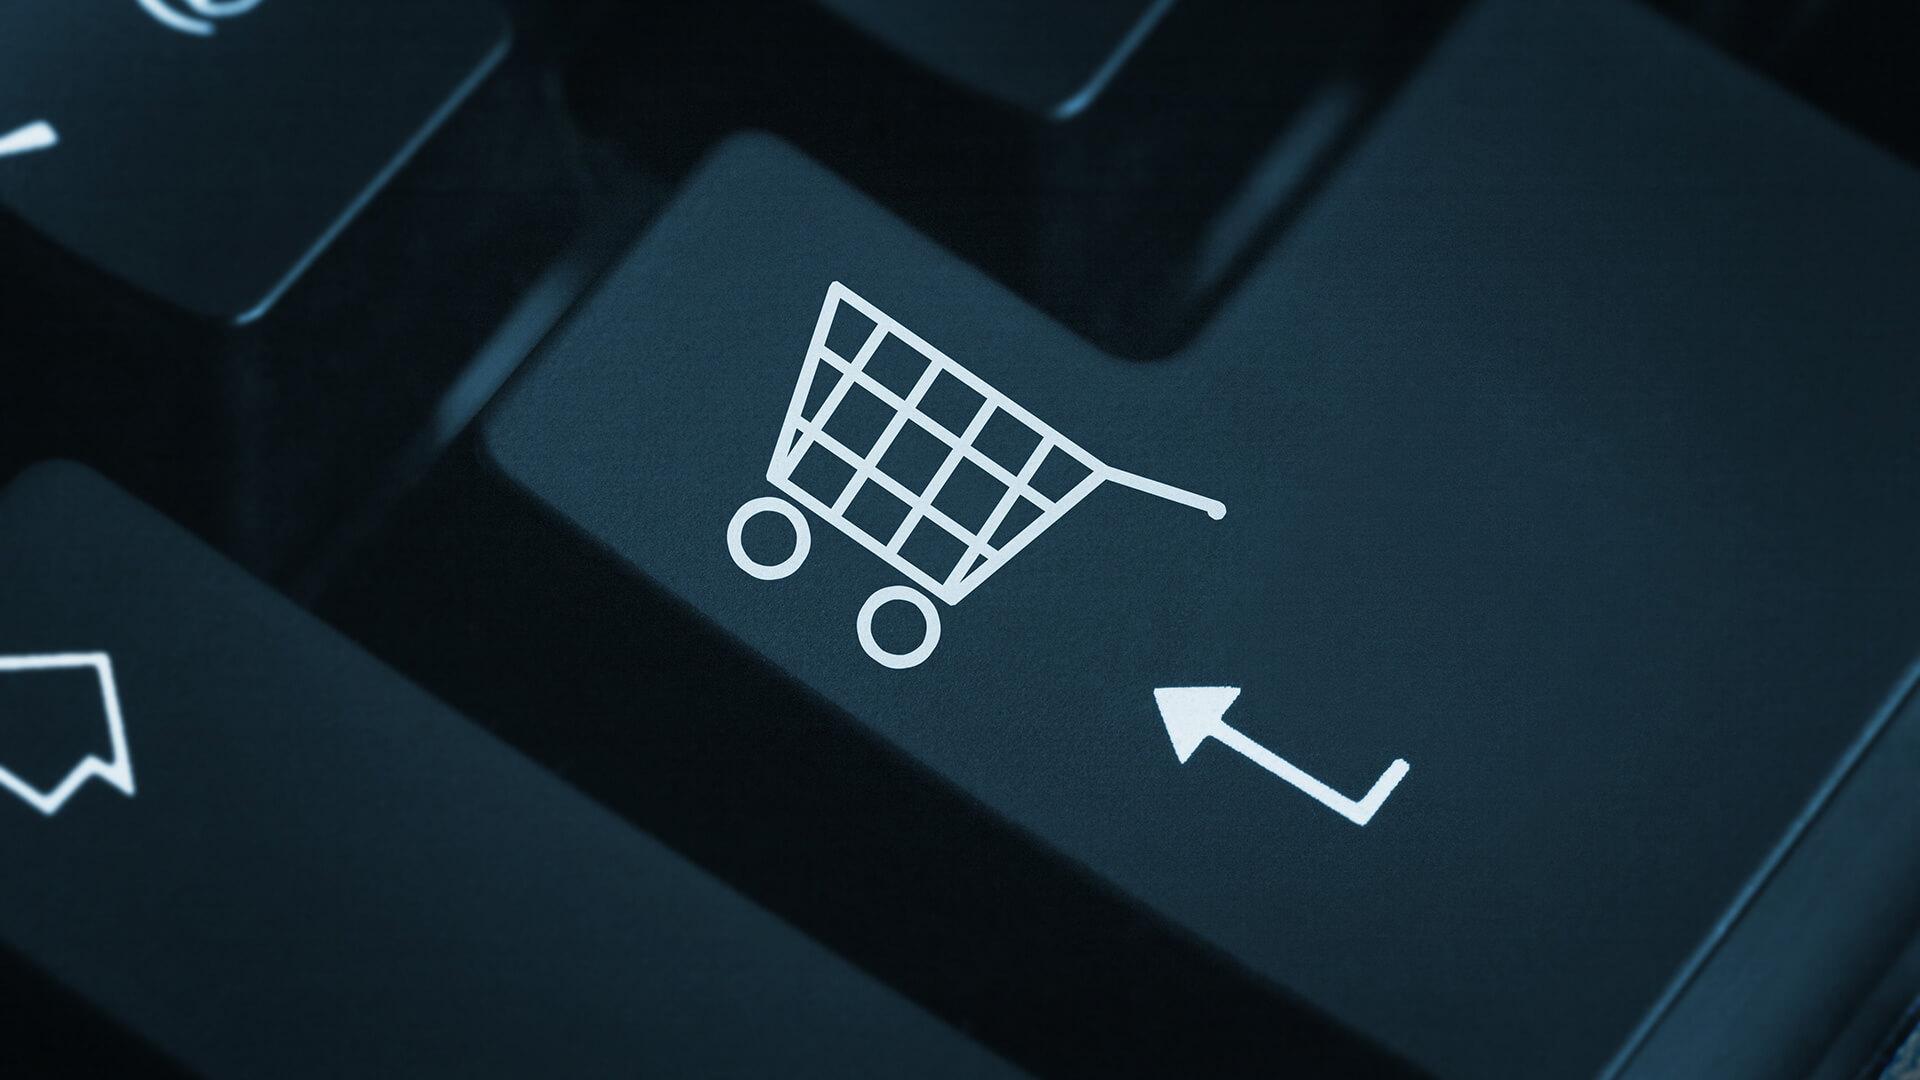 Quels sont les outils clés pour bien se lancer en e-commerce ?  Boxtal, PayPlug et Shopify dressent un panorama complet des solutions  e-commerce utilisées par les TPE-PME